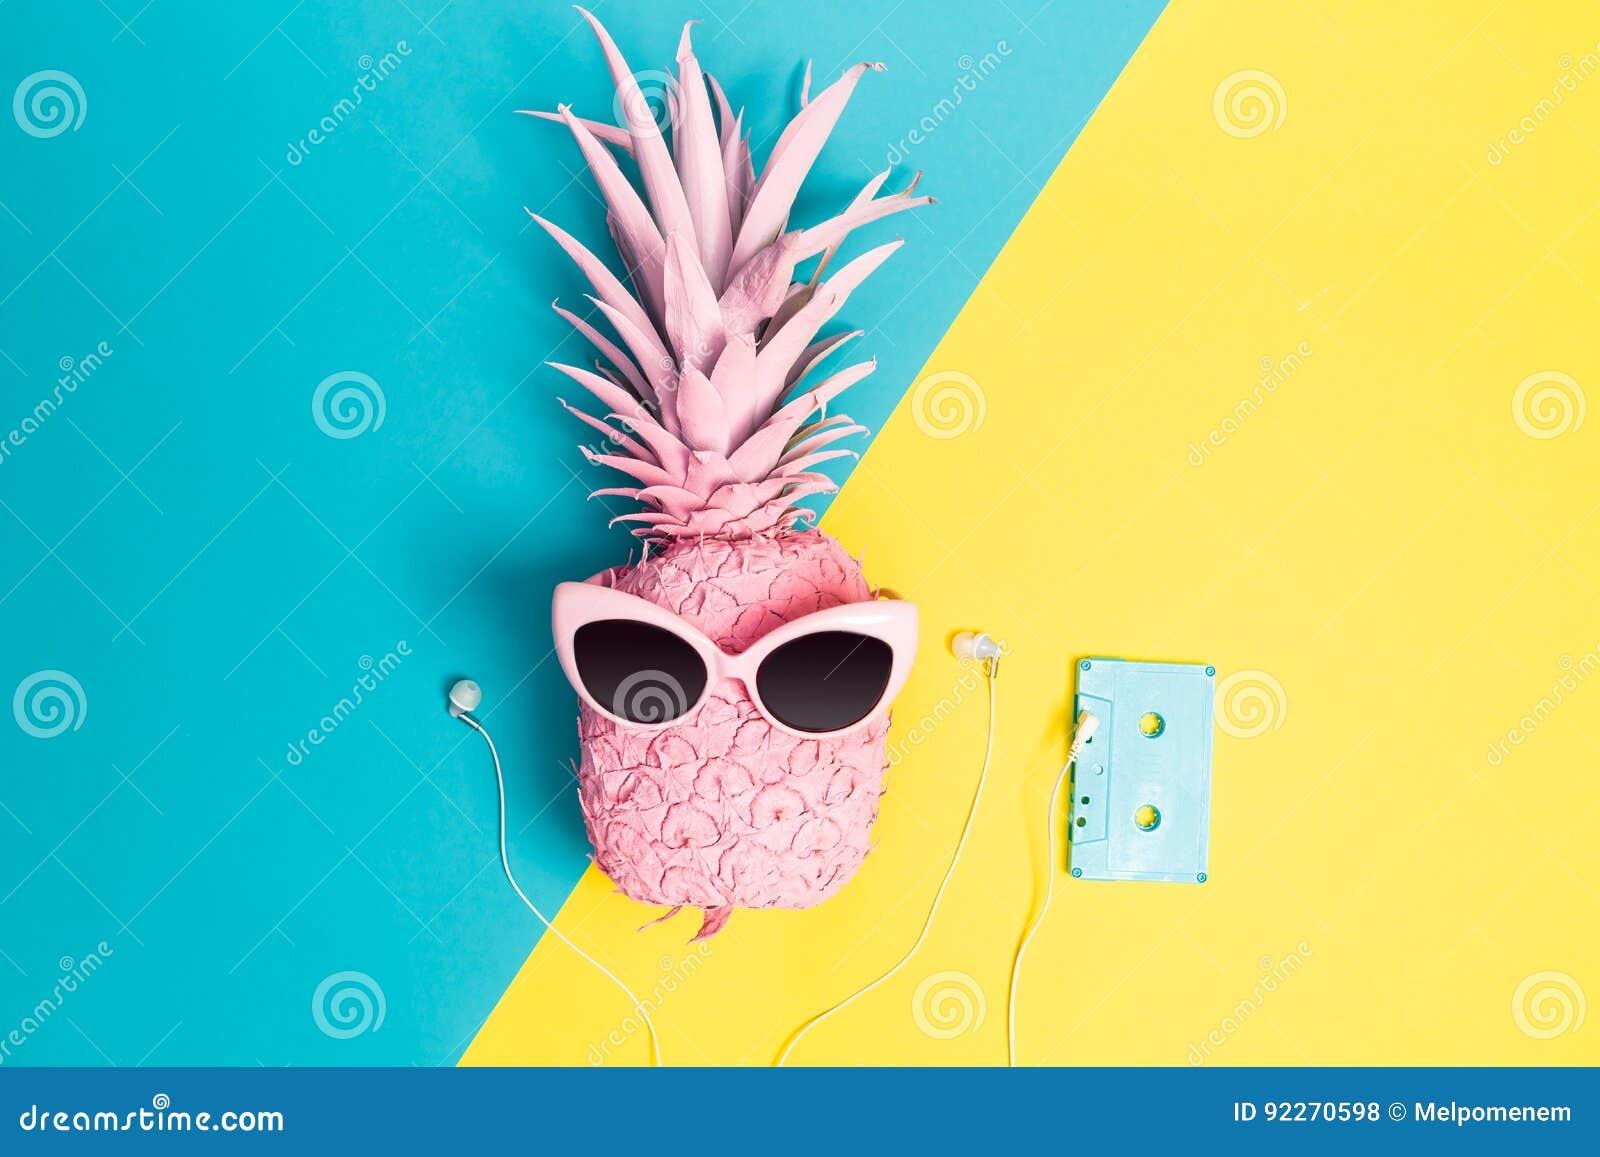 Malujący ananas z okularami przeciwsłonecznymi